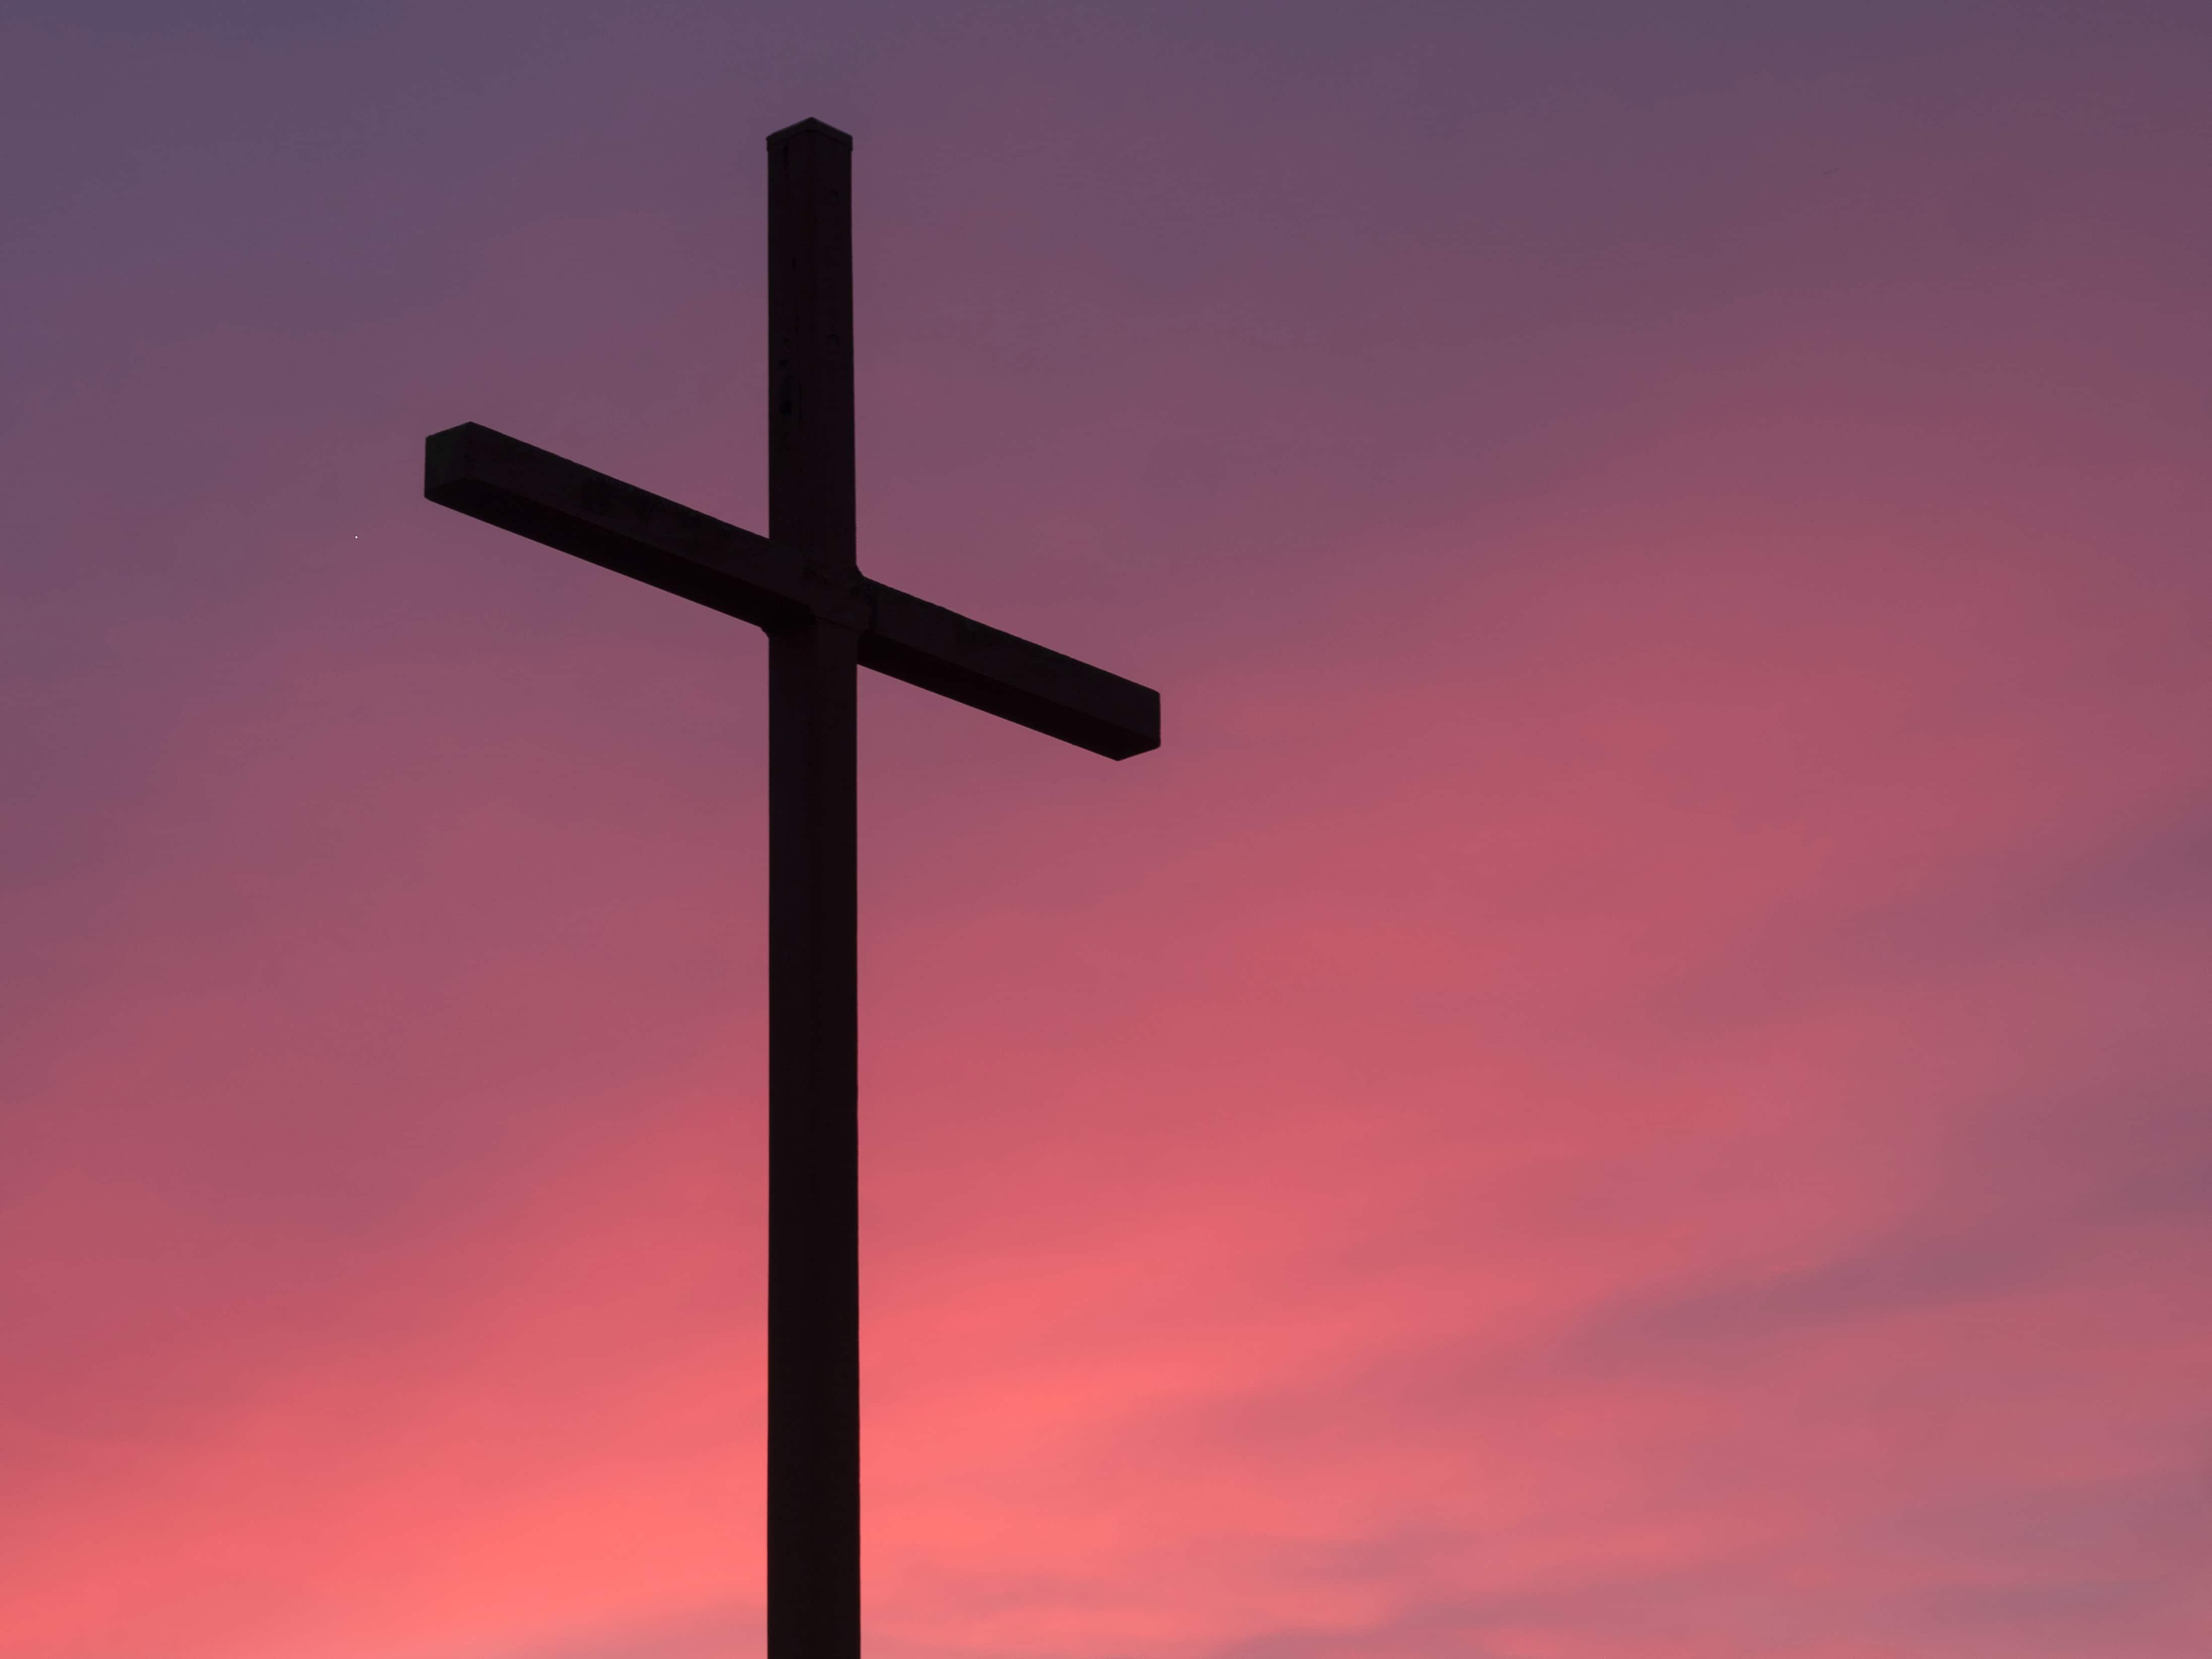 La croix bouleverse